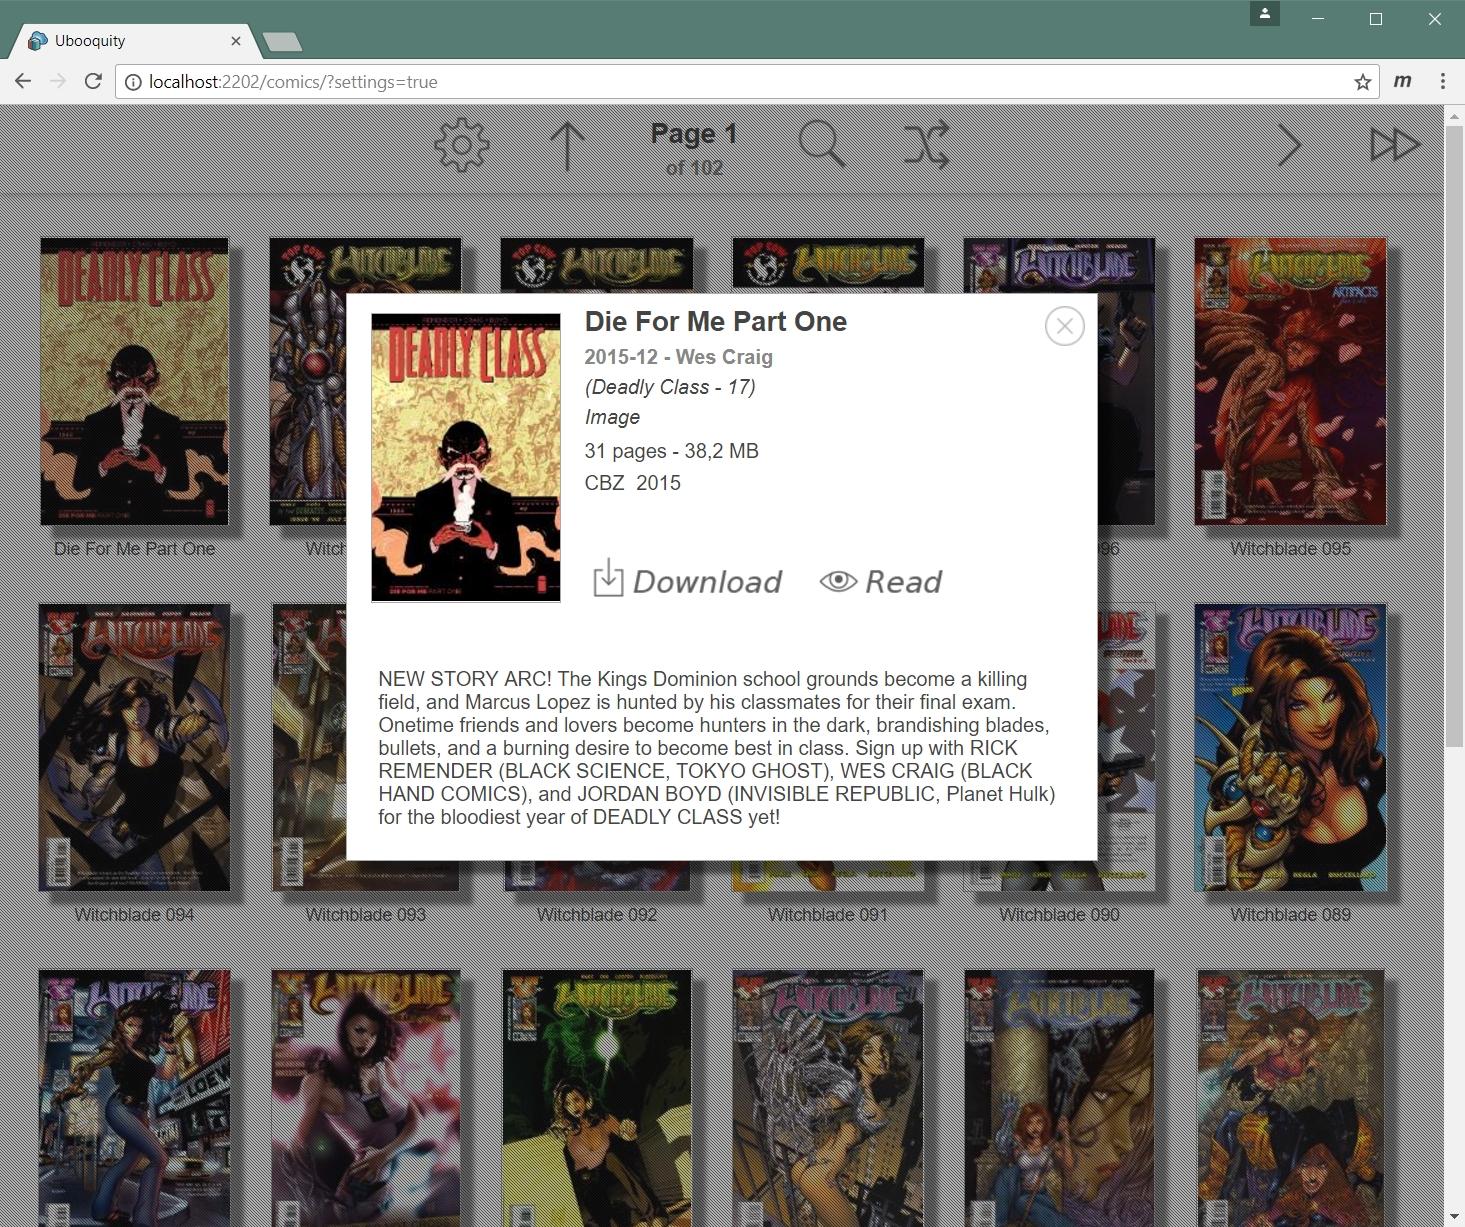 http://vaemendis.net/ubooquity/data/images/screenshots/02_library_-comic_details-.jpg